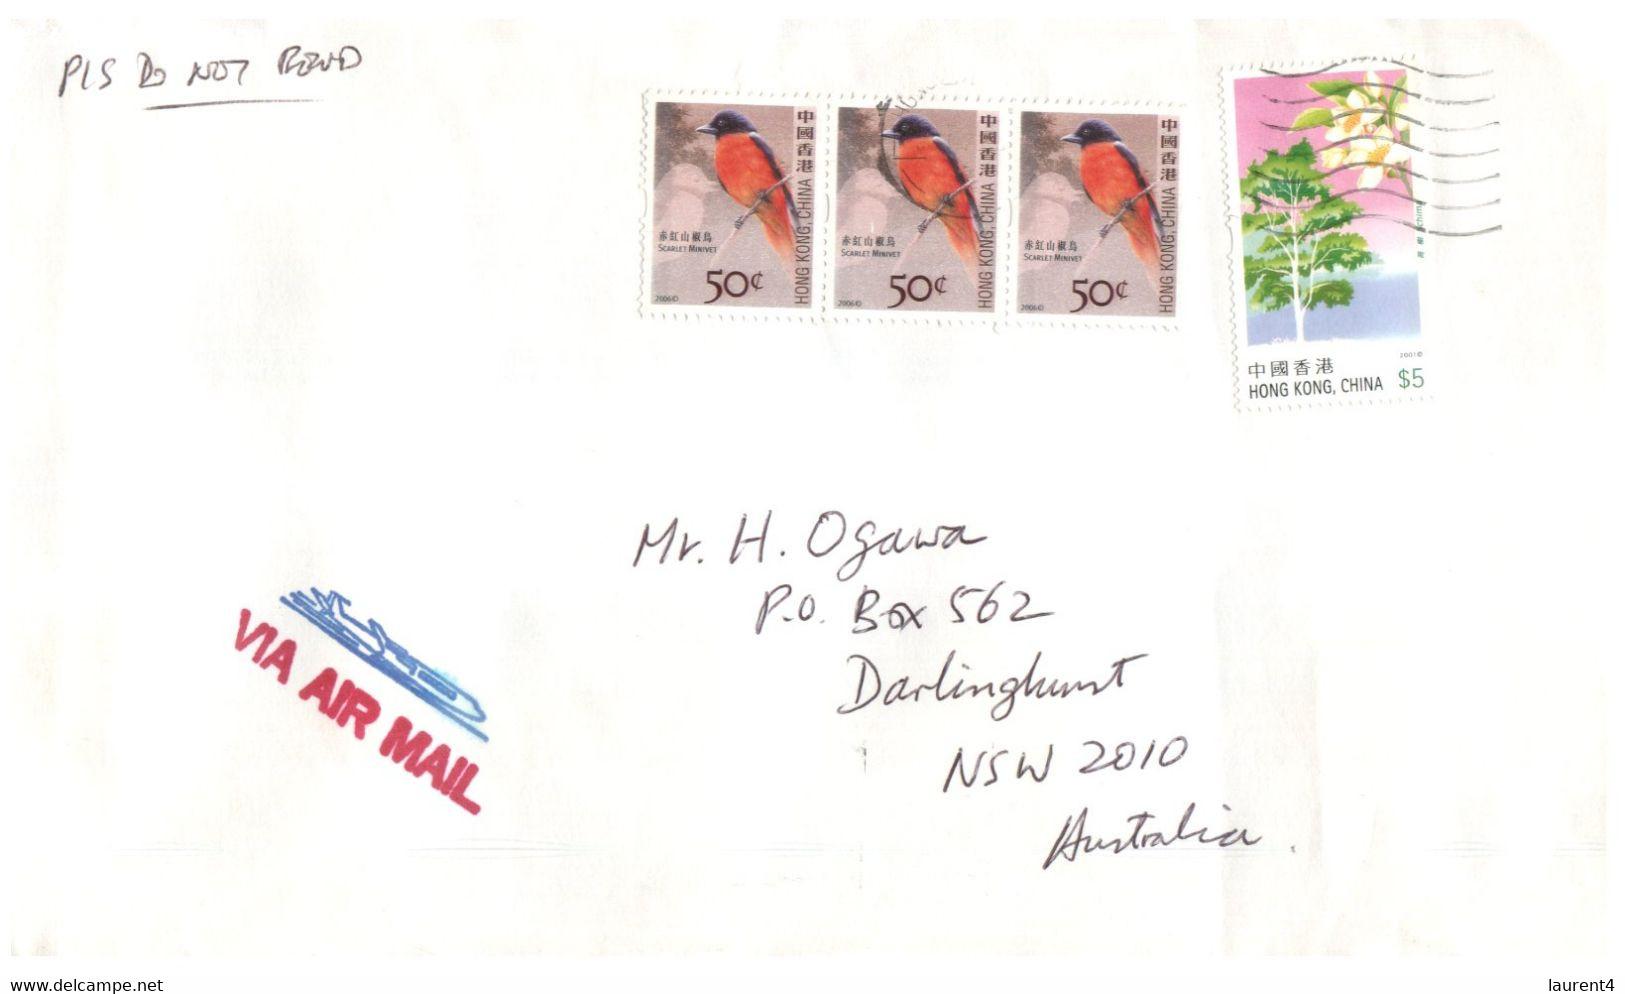 (II 26) Hong Kong - Cover Posted To Australia - (1 Cover) Hong Kong China Stamps - Cartas